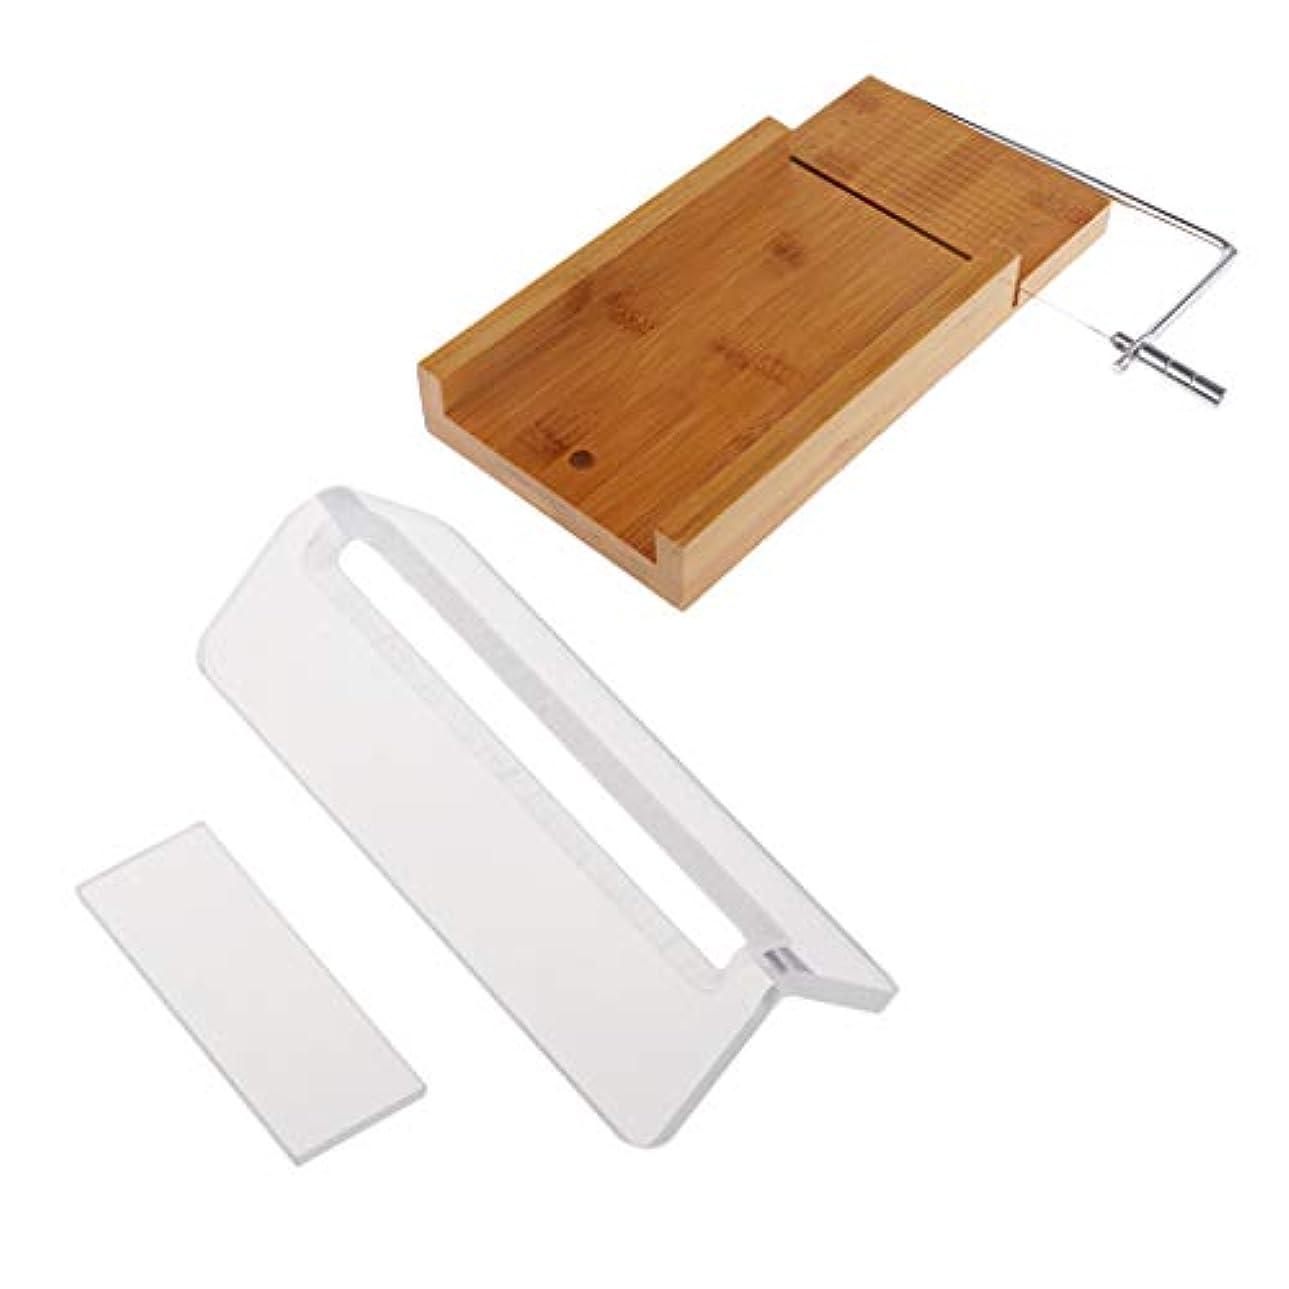 羊のうぬぼれた賢い木製 石鹸カッター 石けん 包丁 せっけんカッター ソープカッター チーズカッター 多機能 丈夫 2個入り